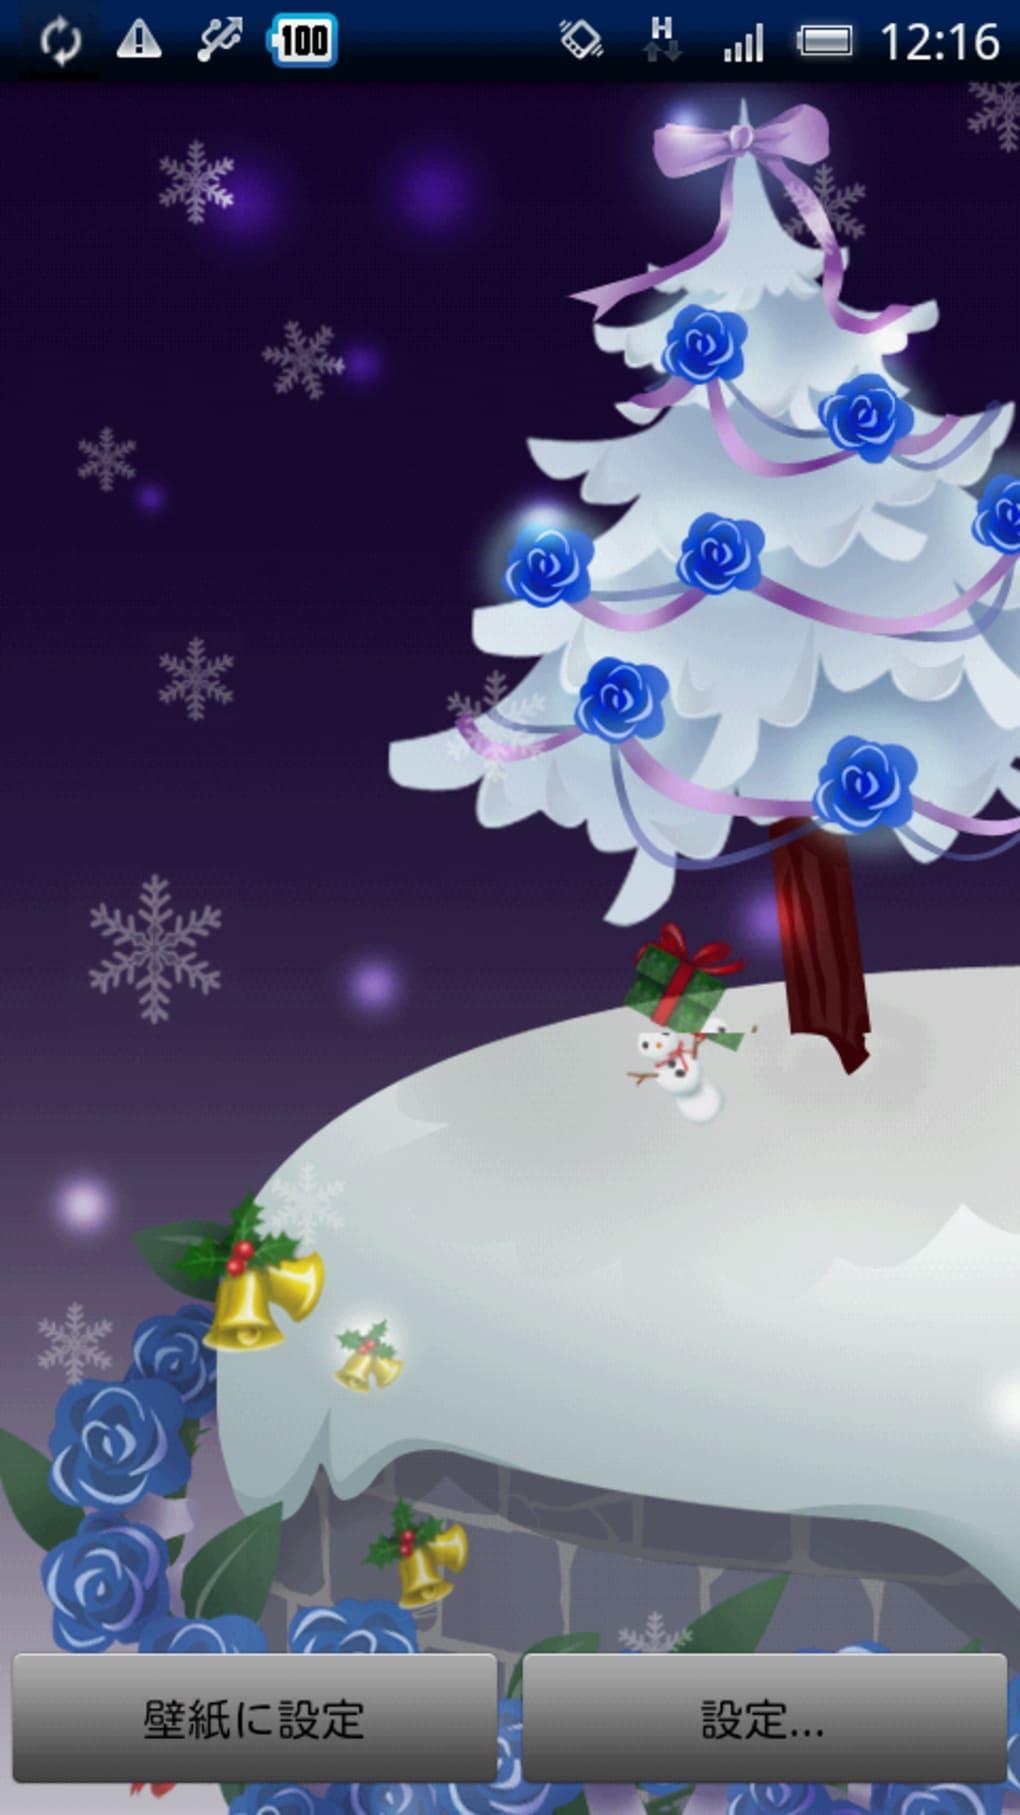 クリスマスライブ壁紙無料 For Android 無料 ダウンロード